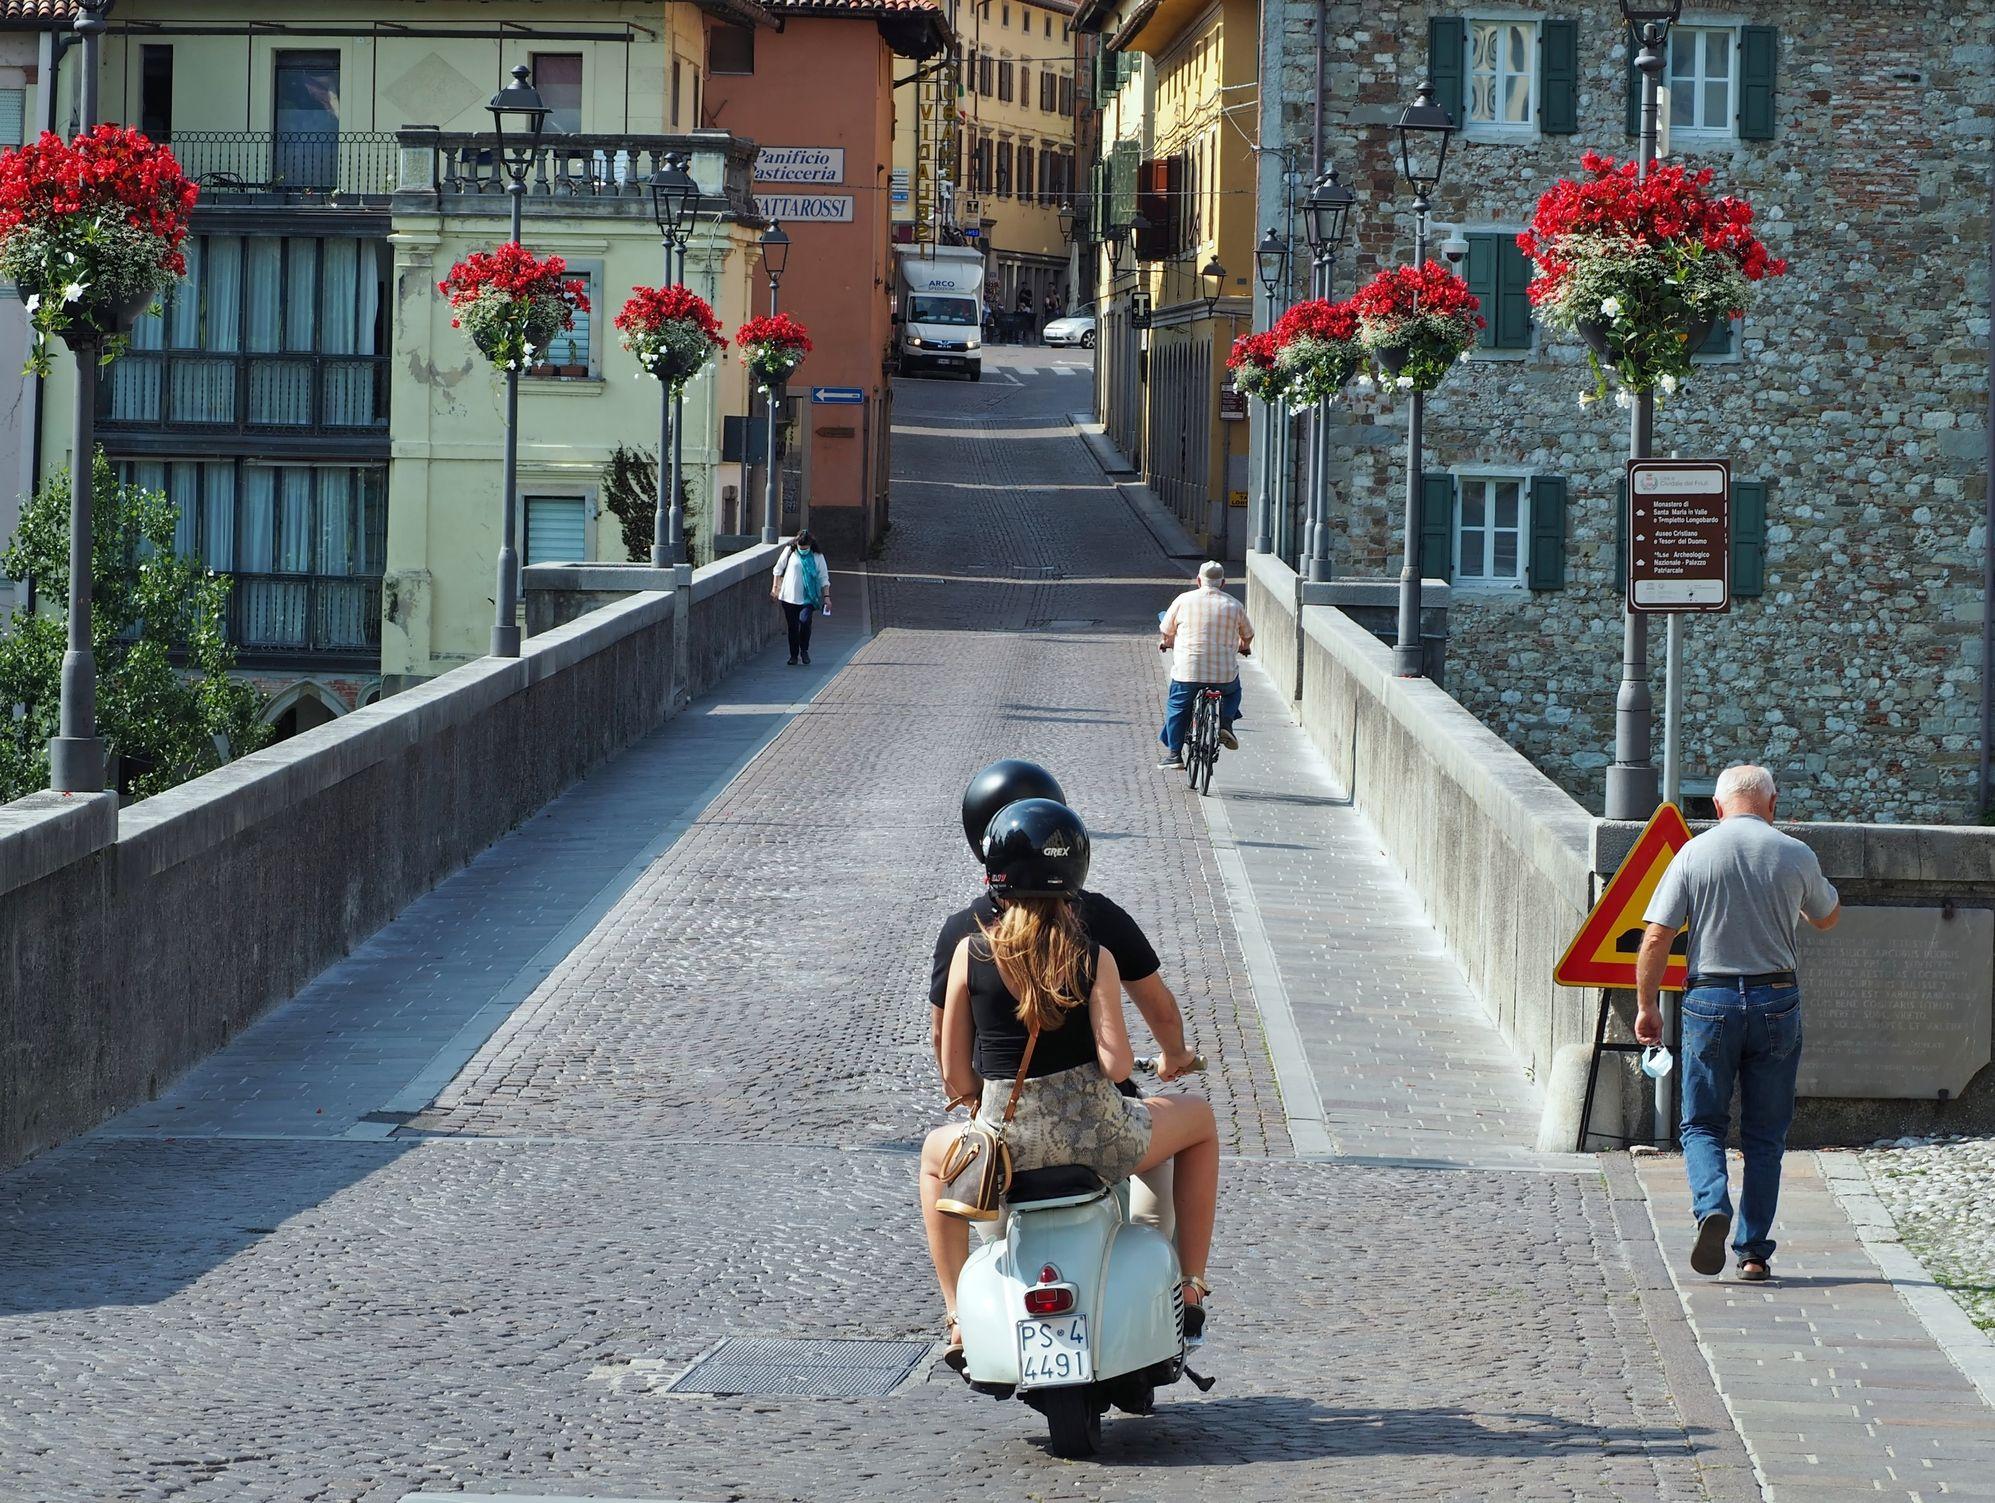 Cartolina dal vero, piccolo e misconosciuto tesoro di Cividale del Friuli